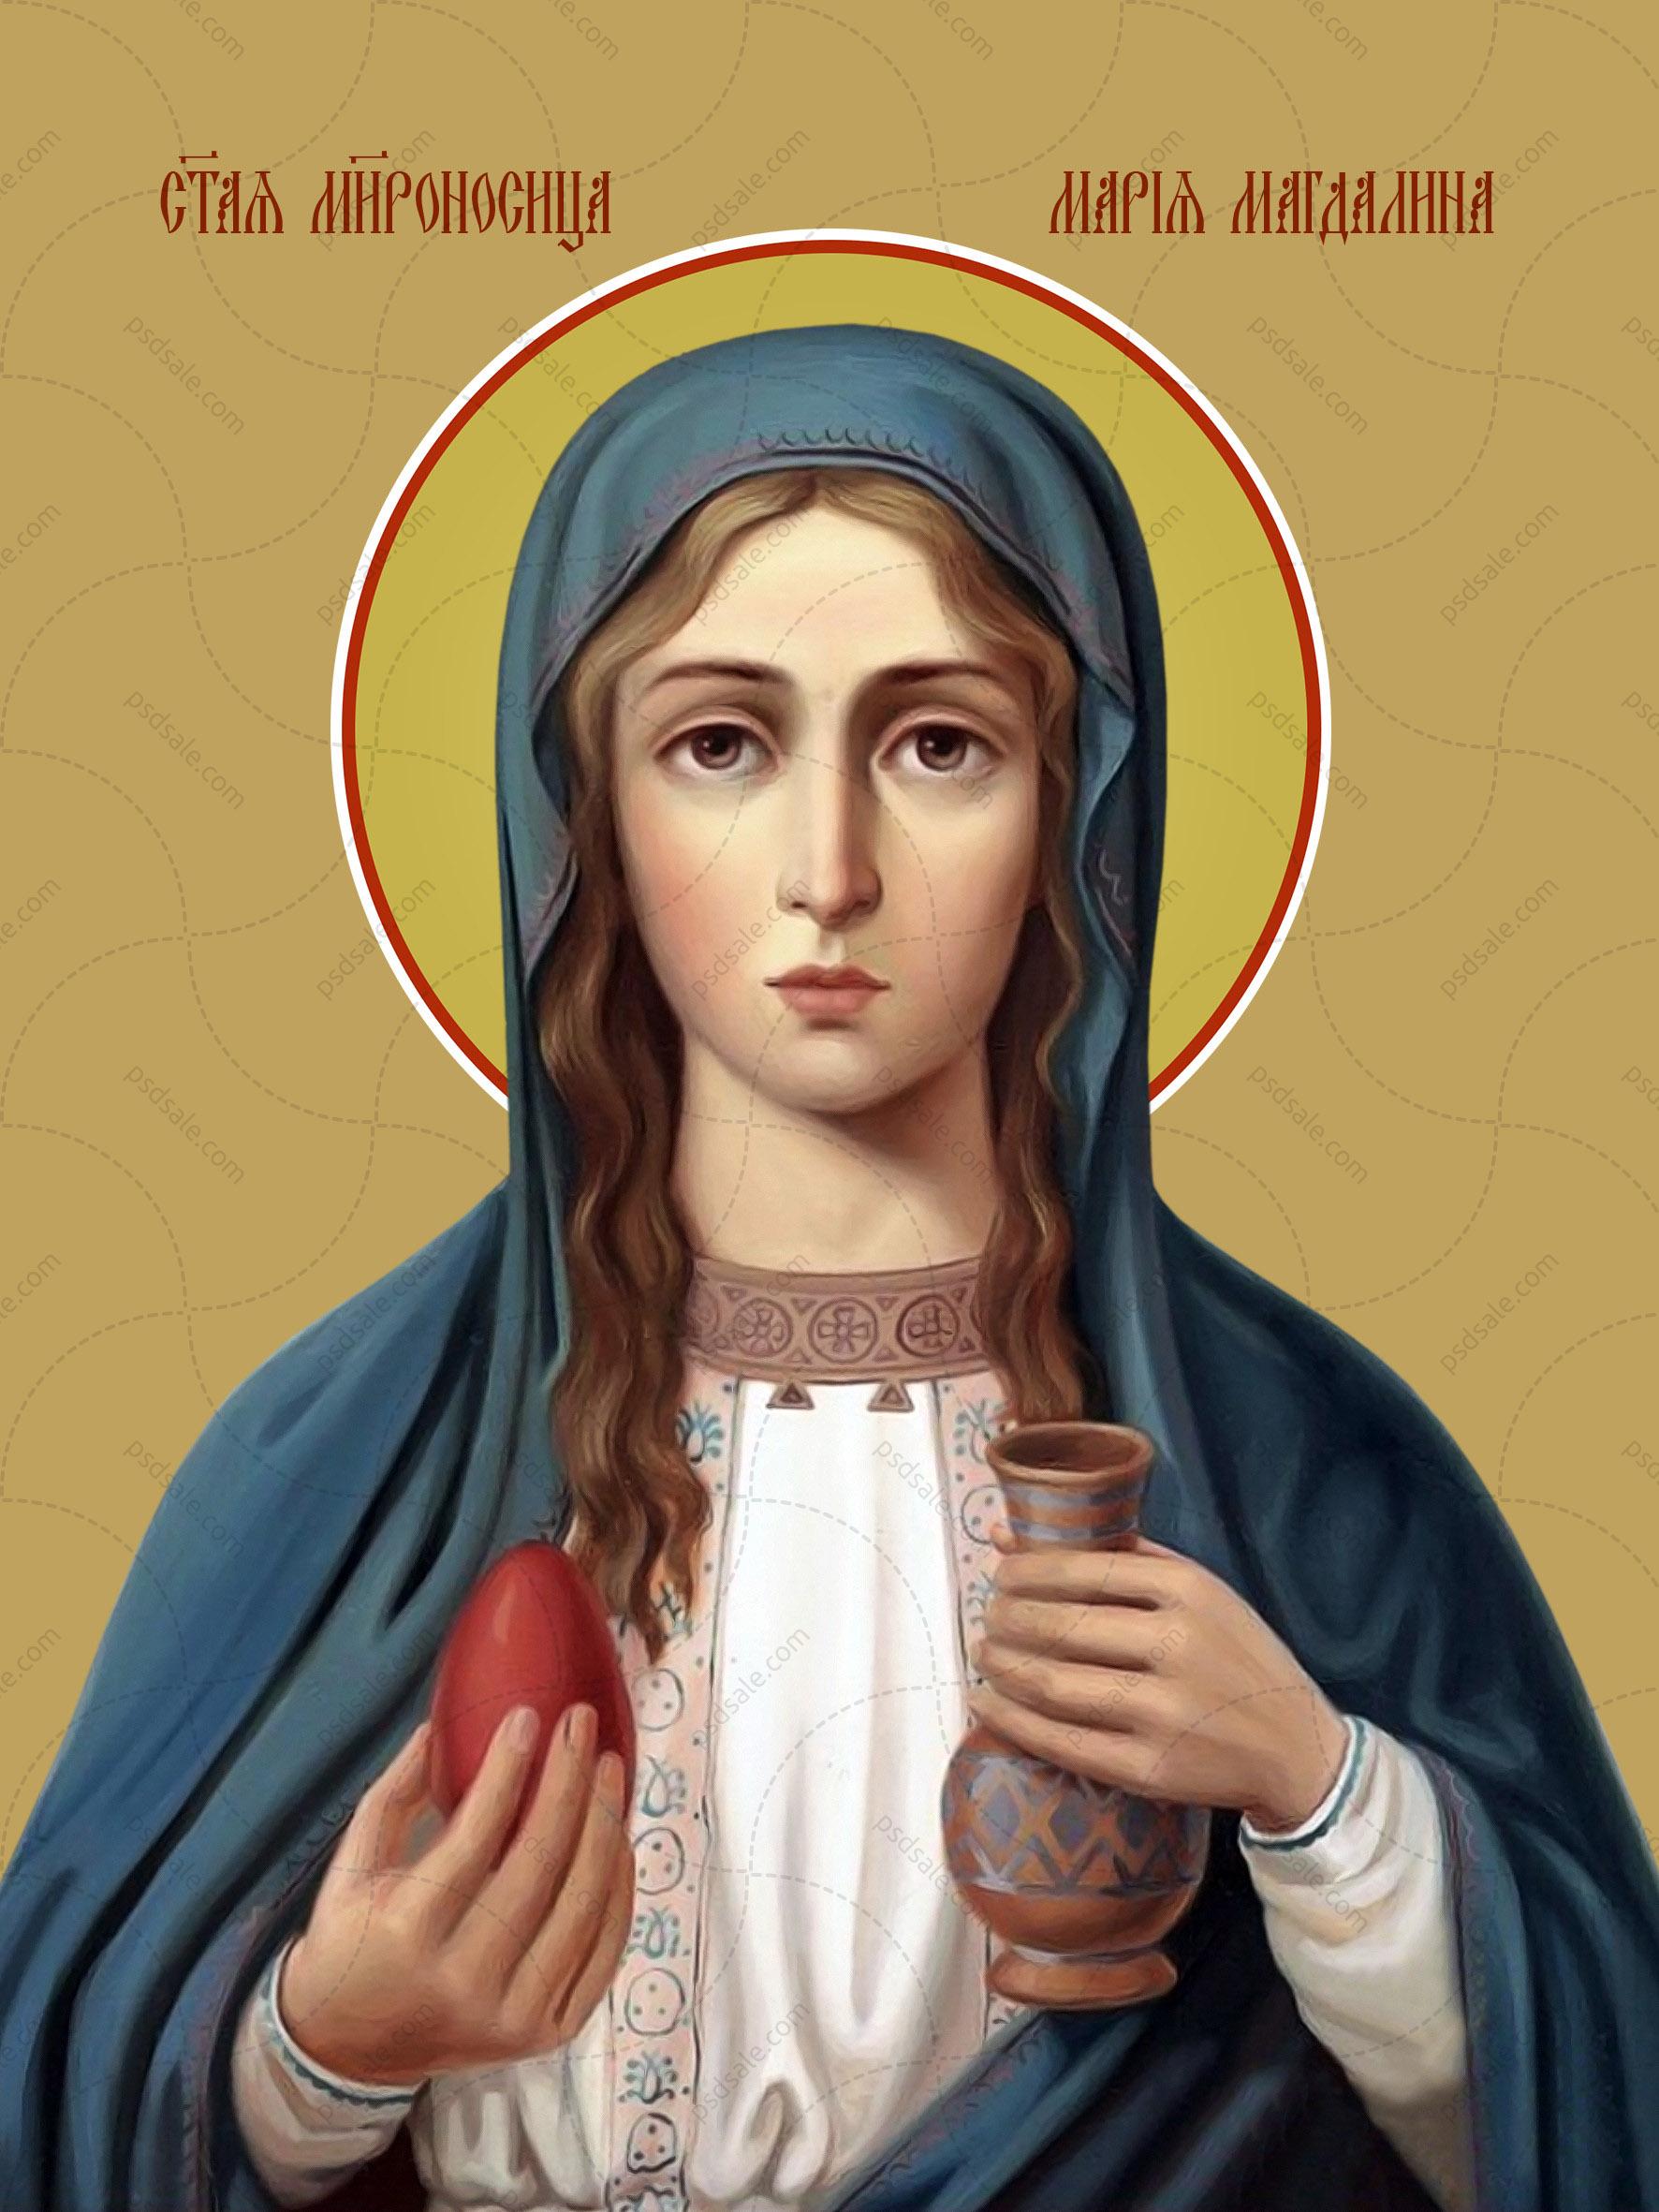 Мария Магдалина, святая